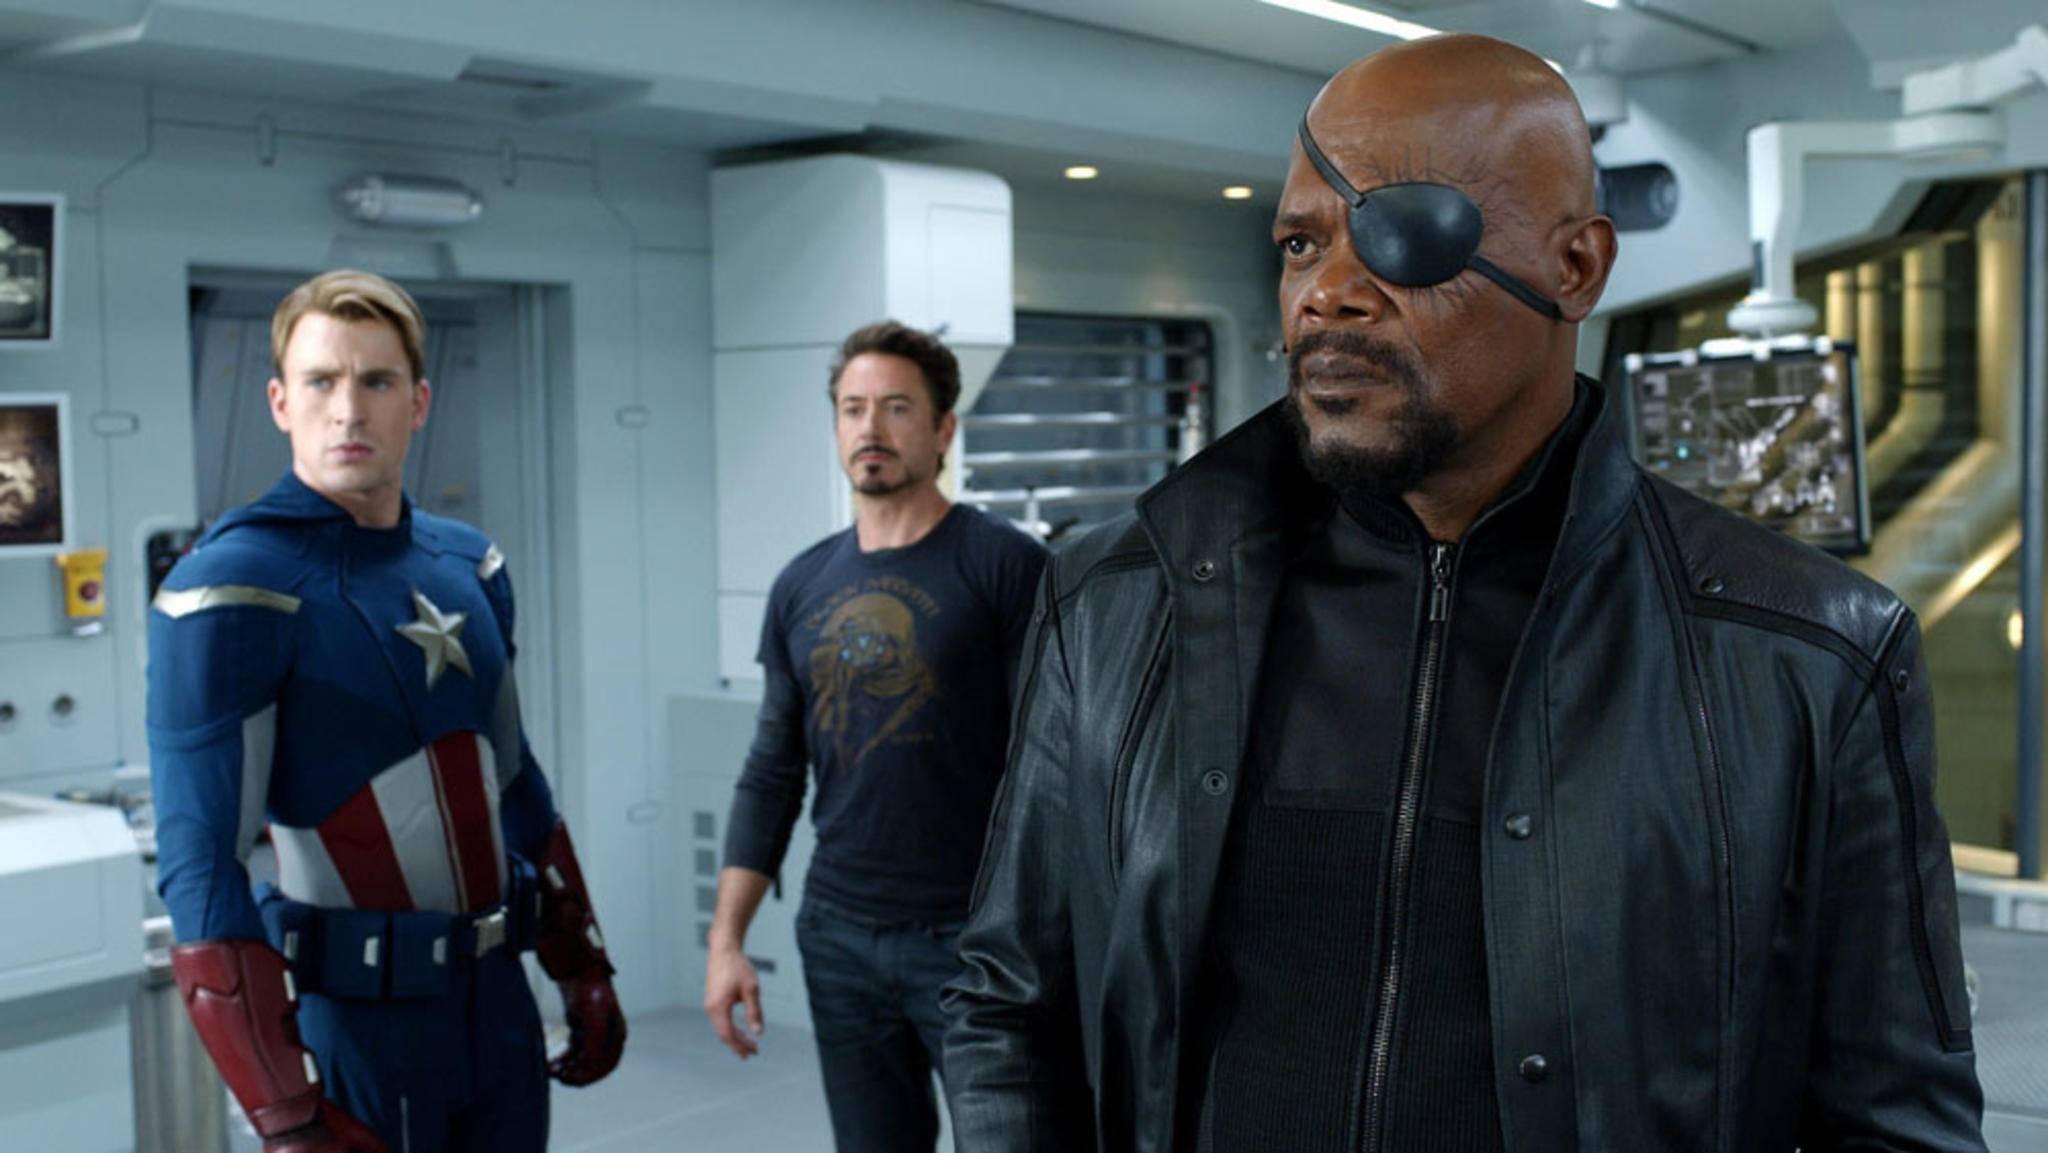 """Nick Fury (rechts) machte die Avengers erst zum Team, doch in """"Infinity War"""" und dem bislang unbenannten vierten Film wird der Mann mit der Augenklappe nicht zu sehen sein."""